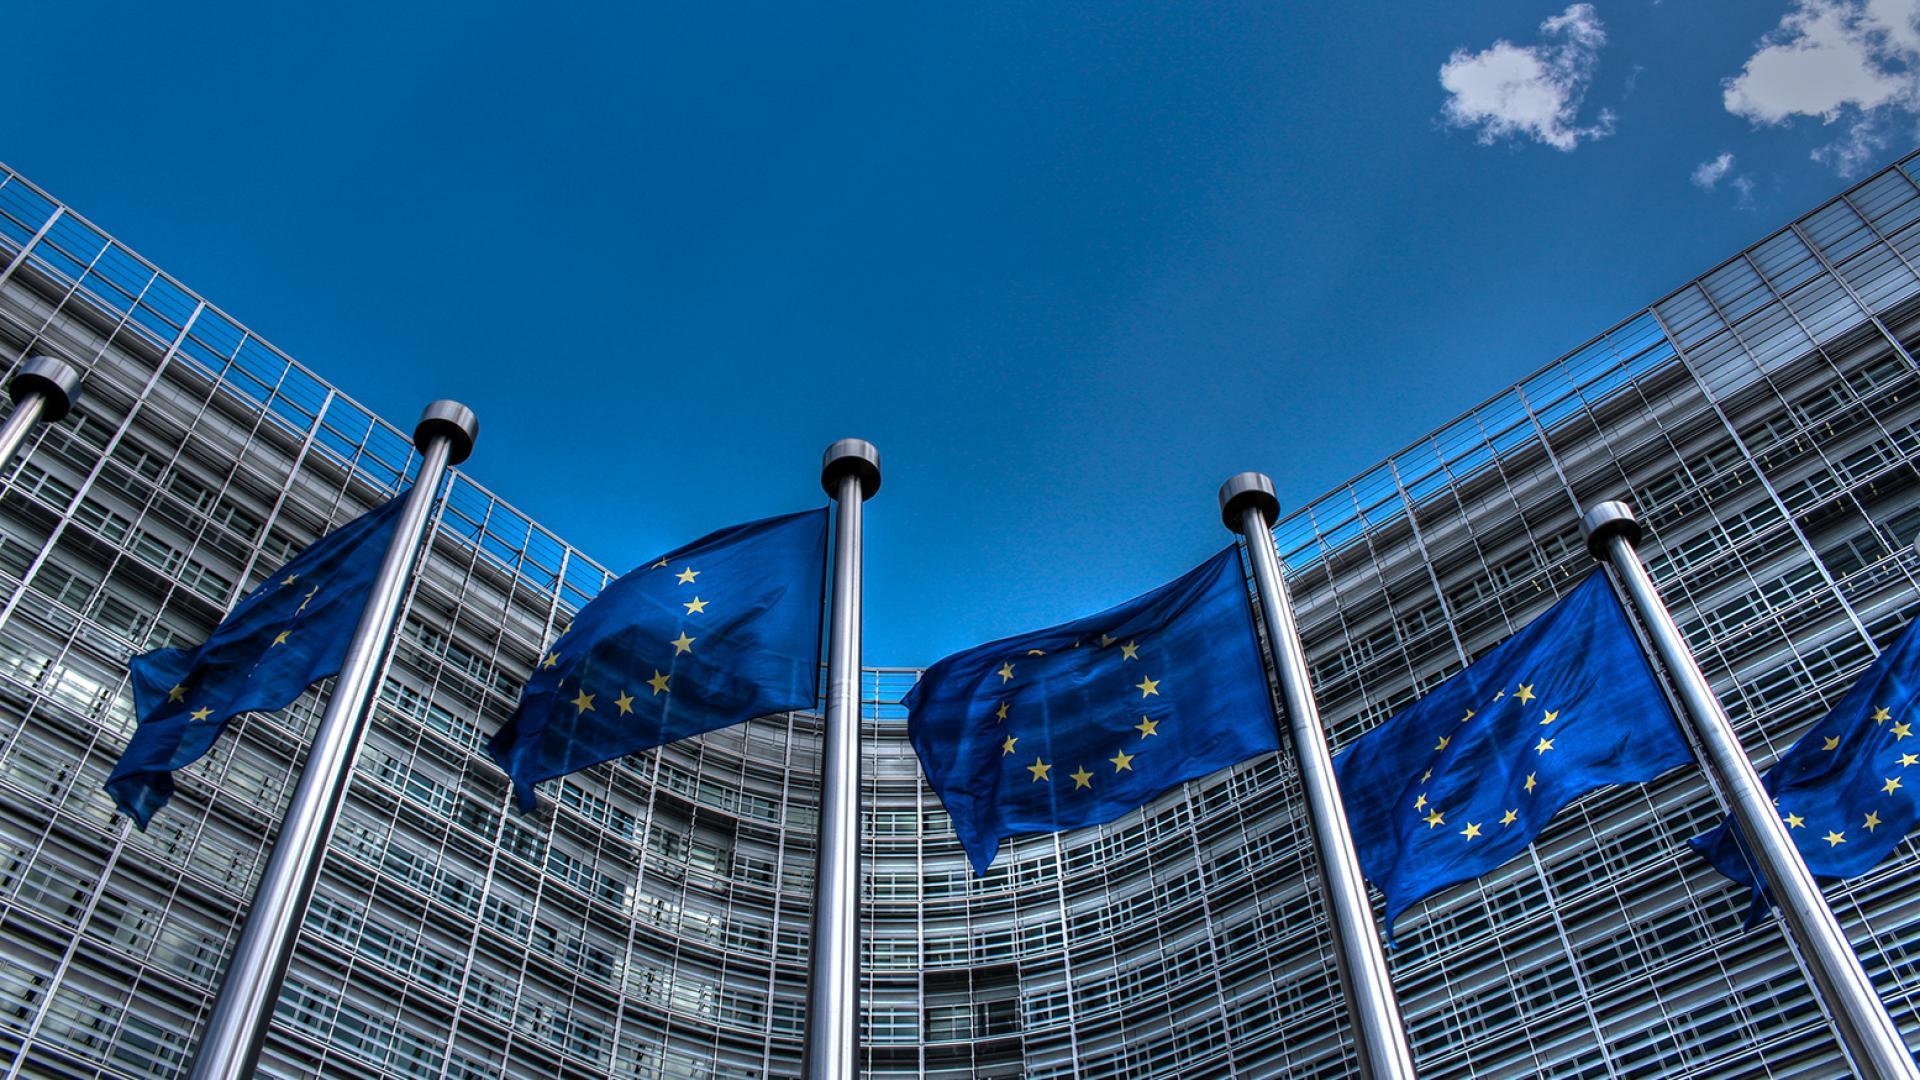 CES joins European consortium to scrutinise media representations on the European Union